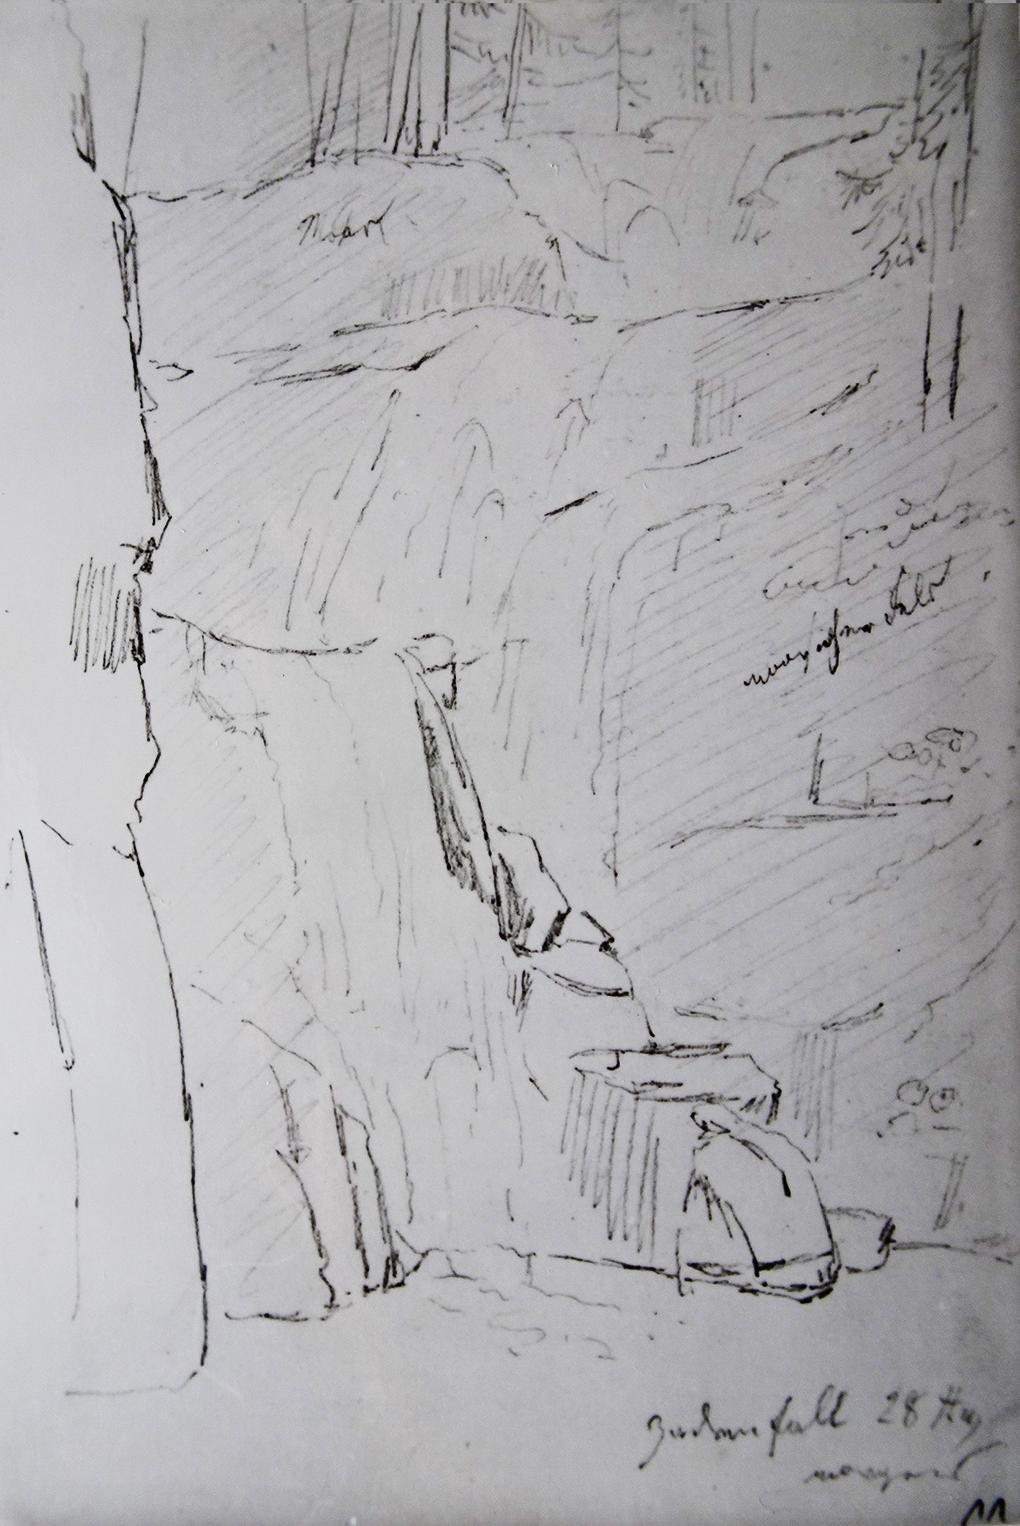 Ludwig Most, Wodospad Kamieńczyka, 28.08.1835, ołówek, papier czerpany welinowy, Szkicownik nr VII, karta 11, Muzeum Narodowe w Szczecinie